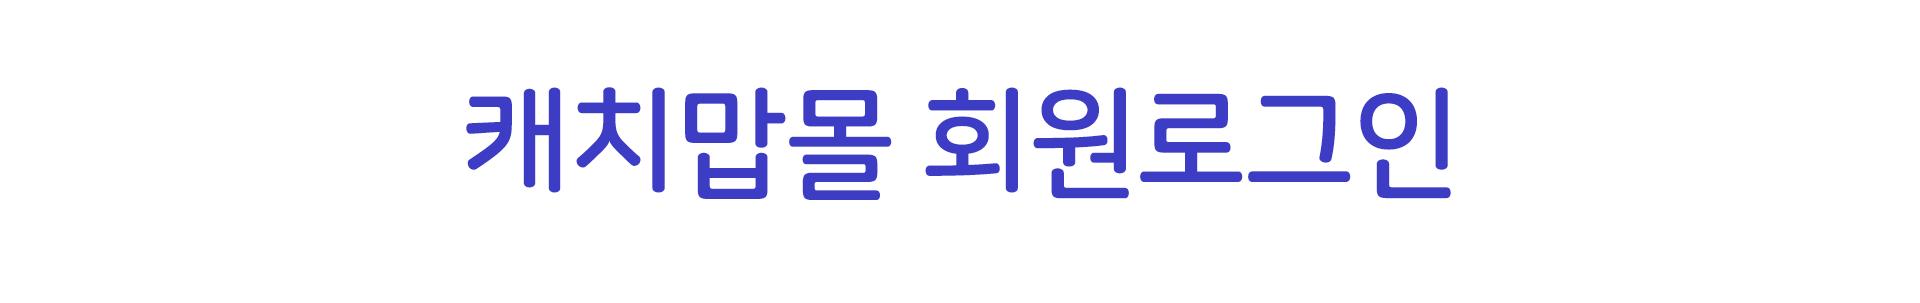 캐치맙몰 회원로그인